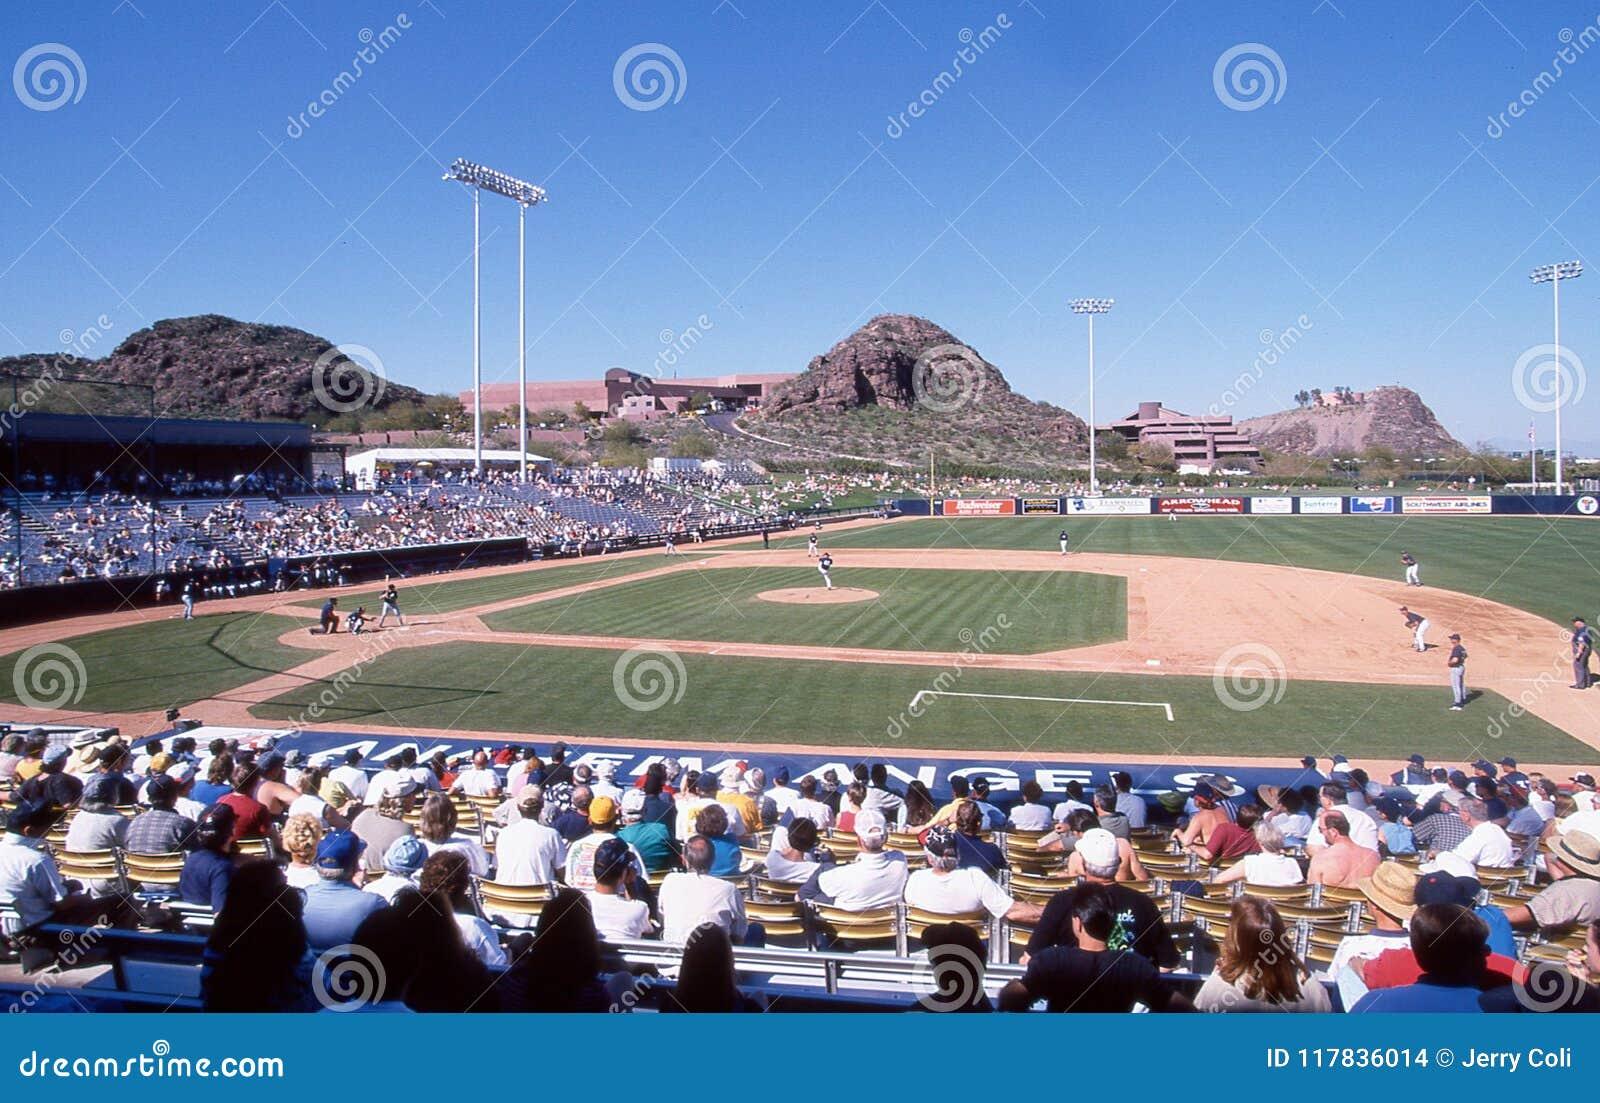 Tempe Diablo Stadium, Tempe Аризона